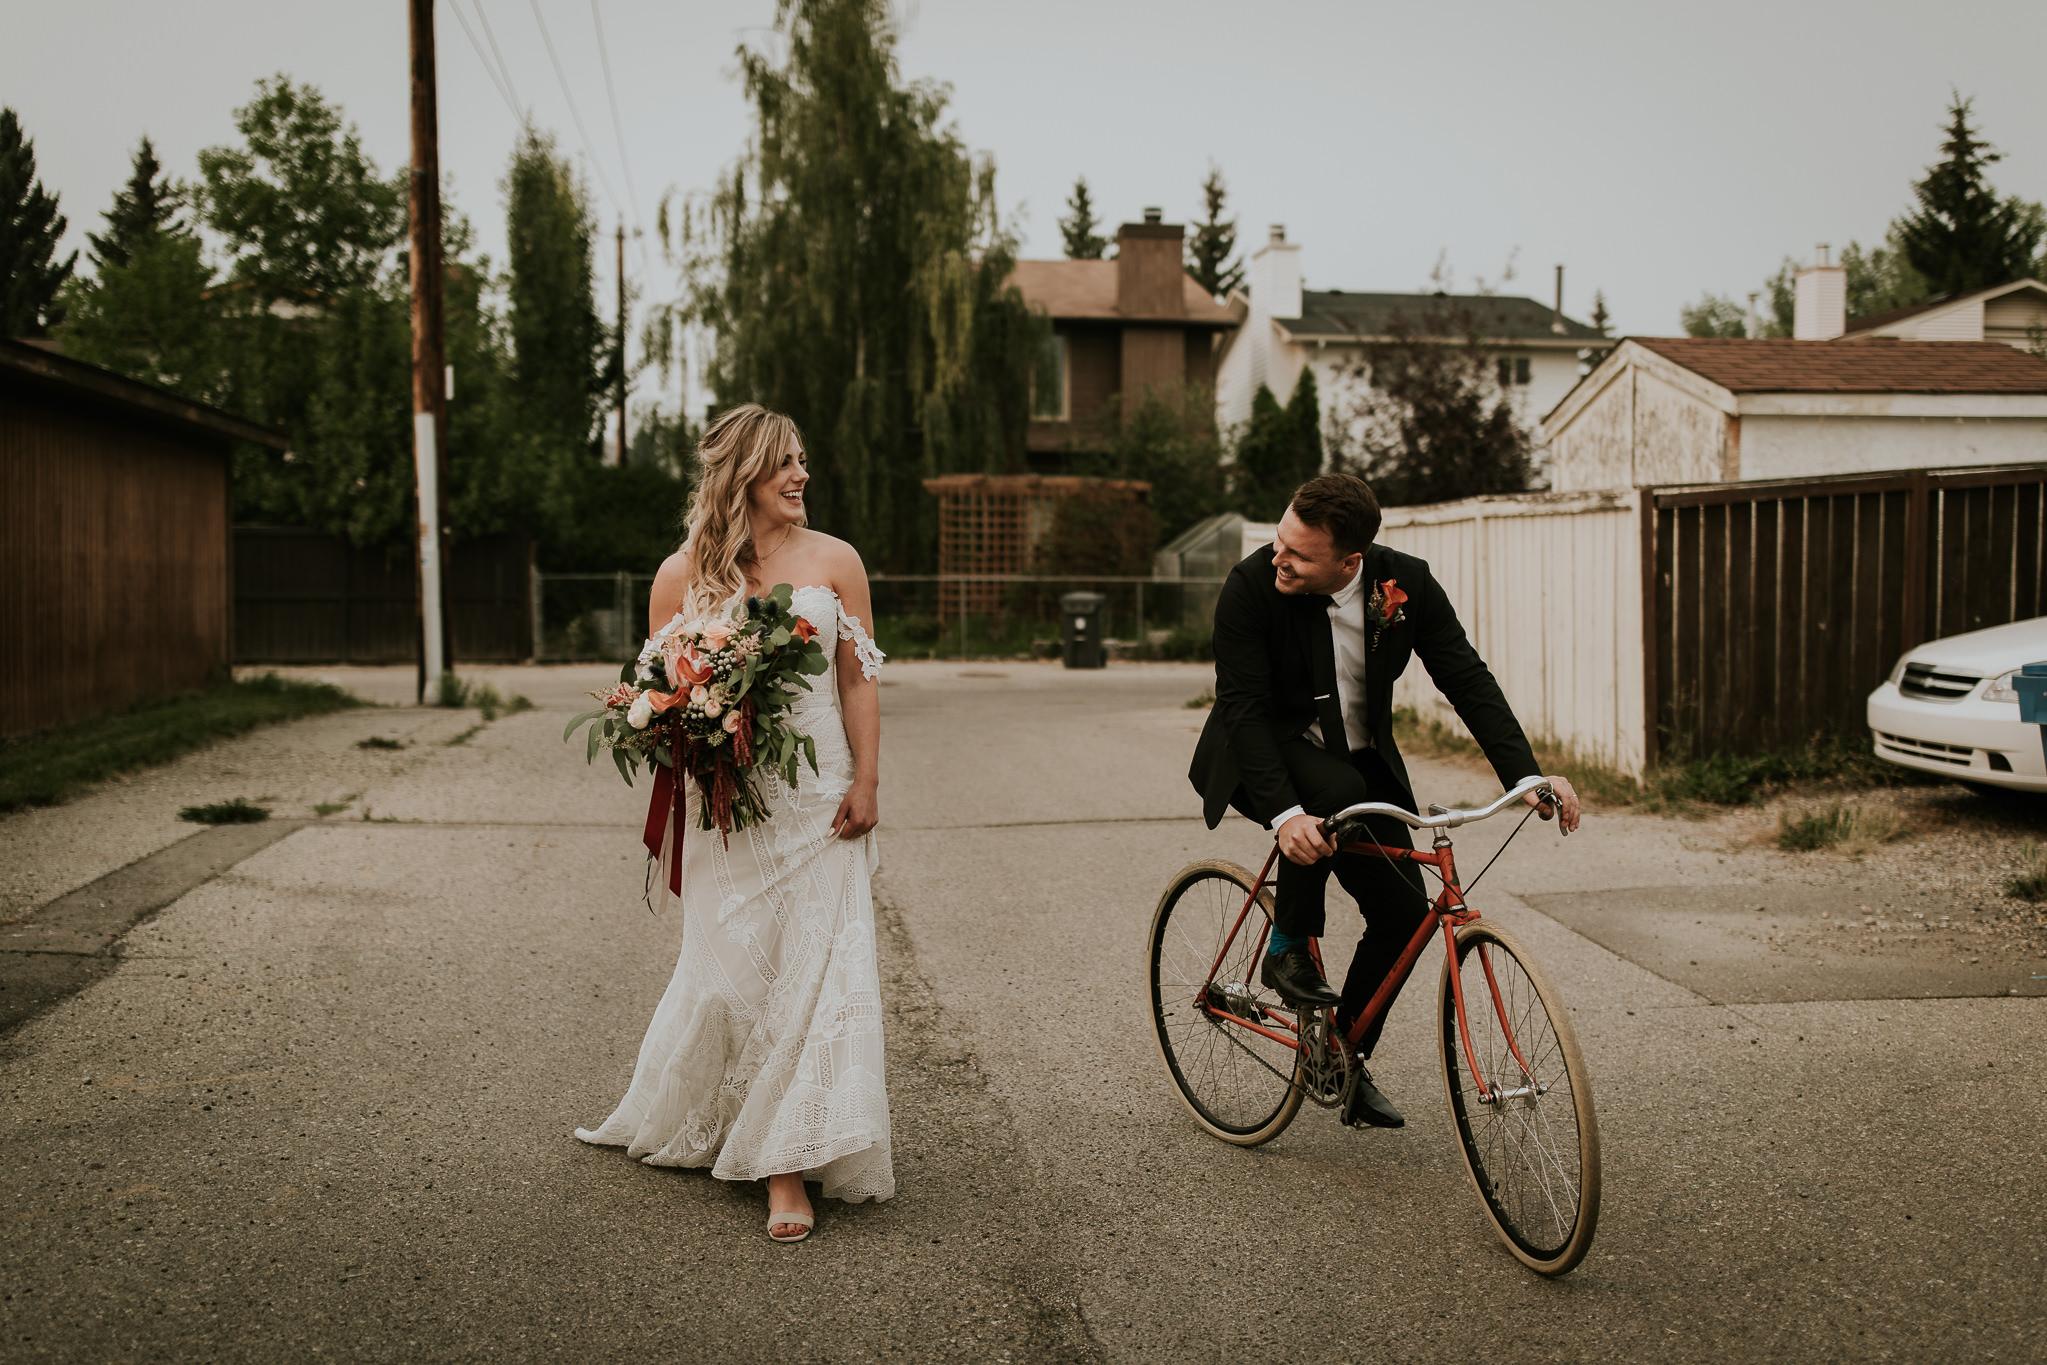 Boho bride walking down Calgary alleyway with groom riding bike beside her